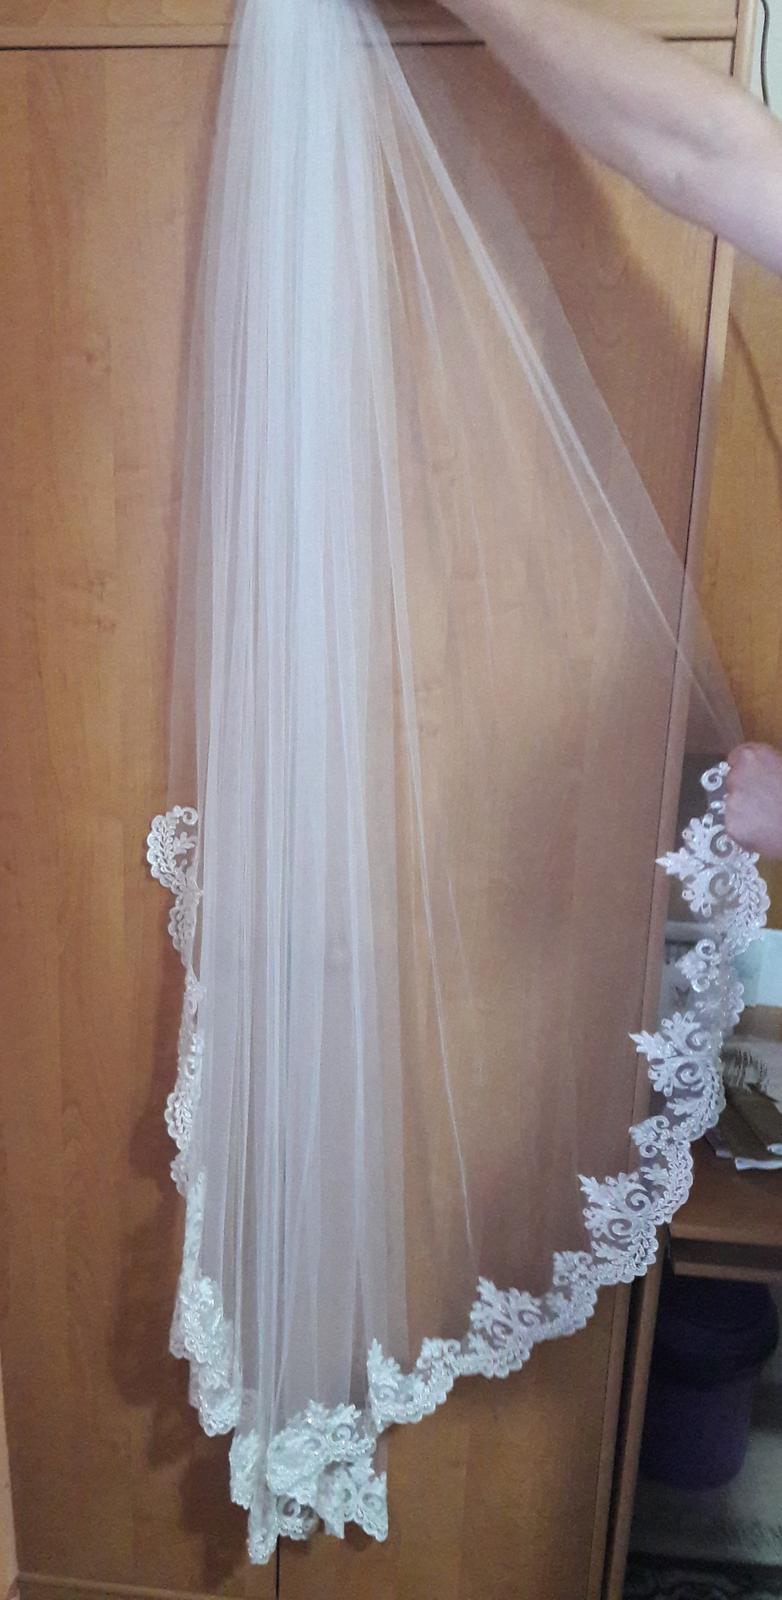 Svadobný závoj ivory so španielskou čipkou - Obrázok č. 1